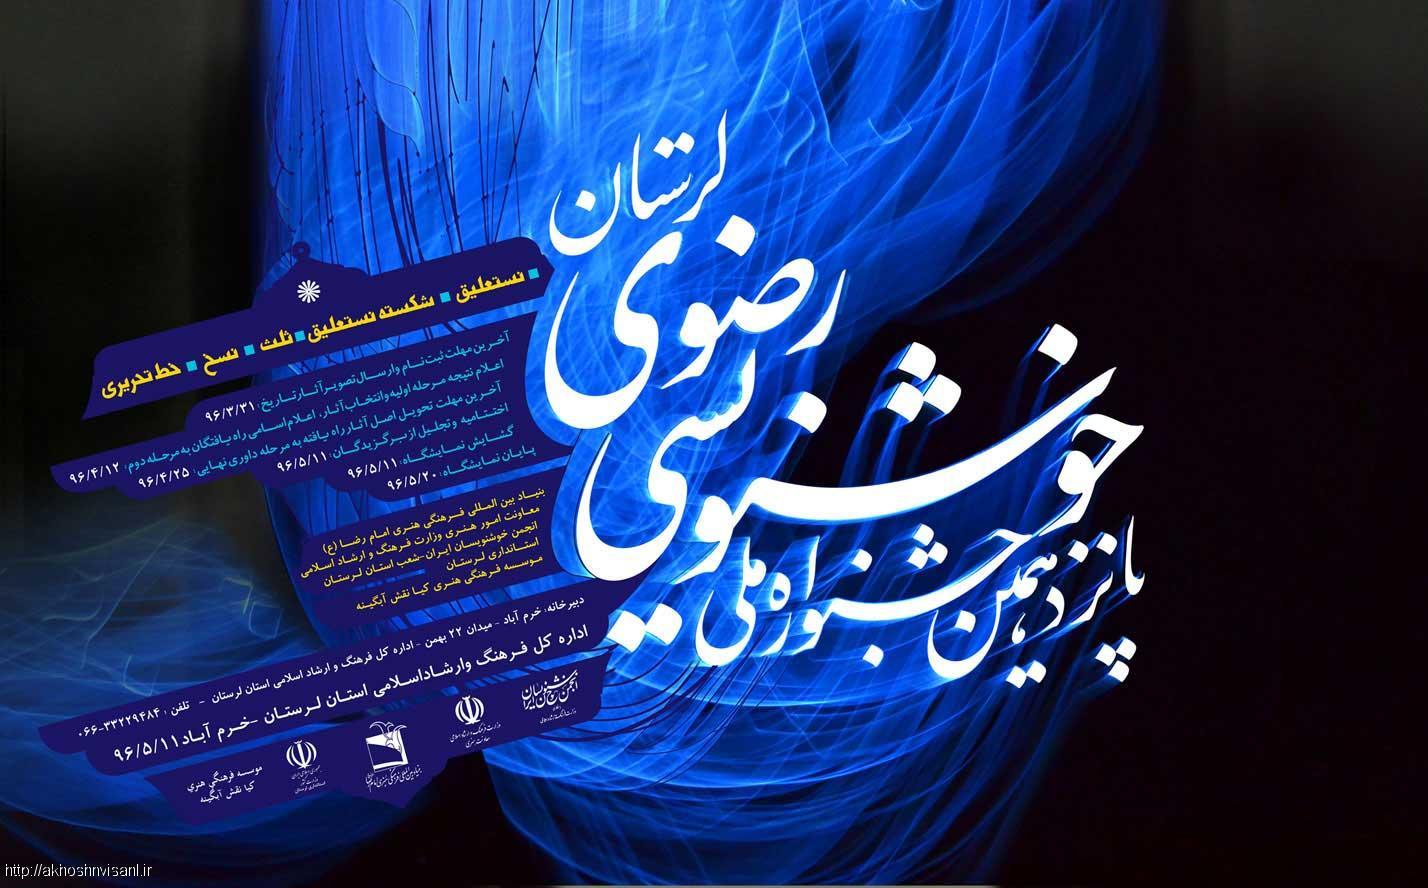 اخبار فراخوان پانزدهمین جشنواره خوشنویسی رضوی لرستان